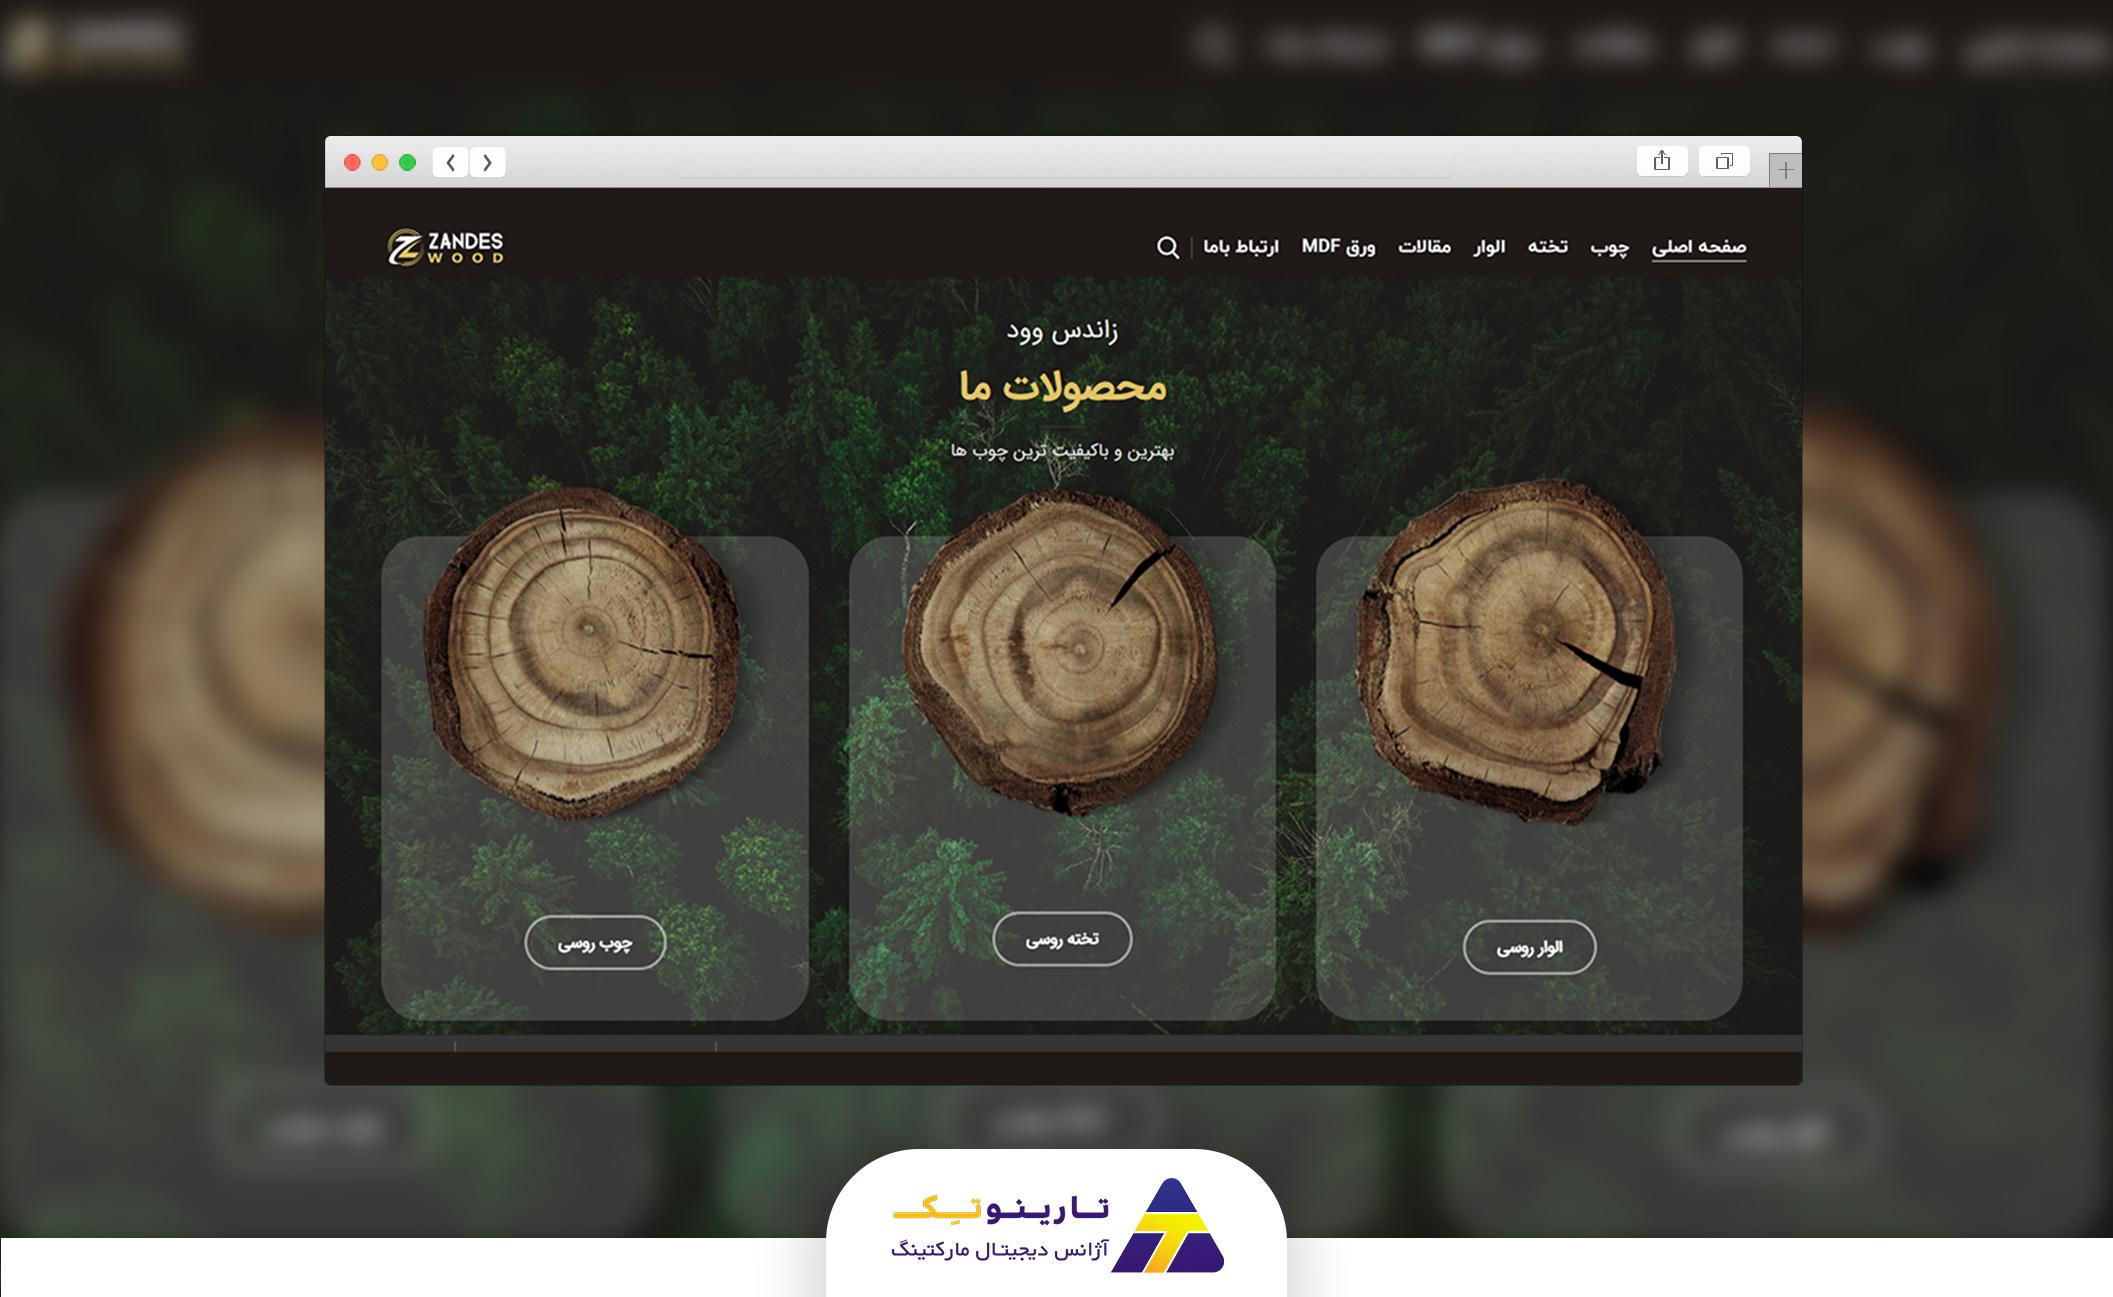 سایت زاندس چوب